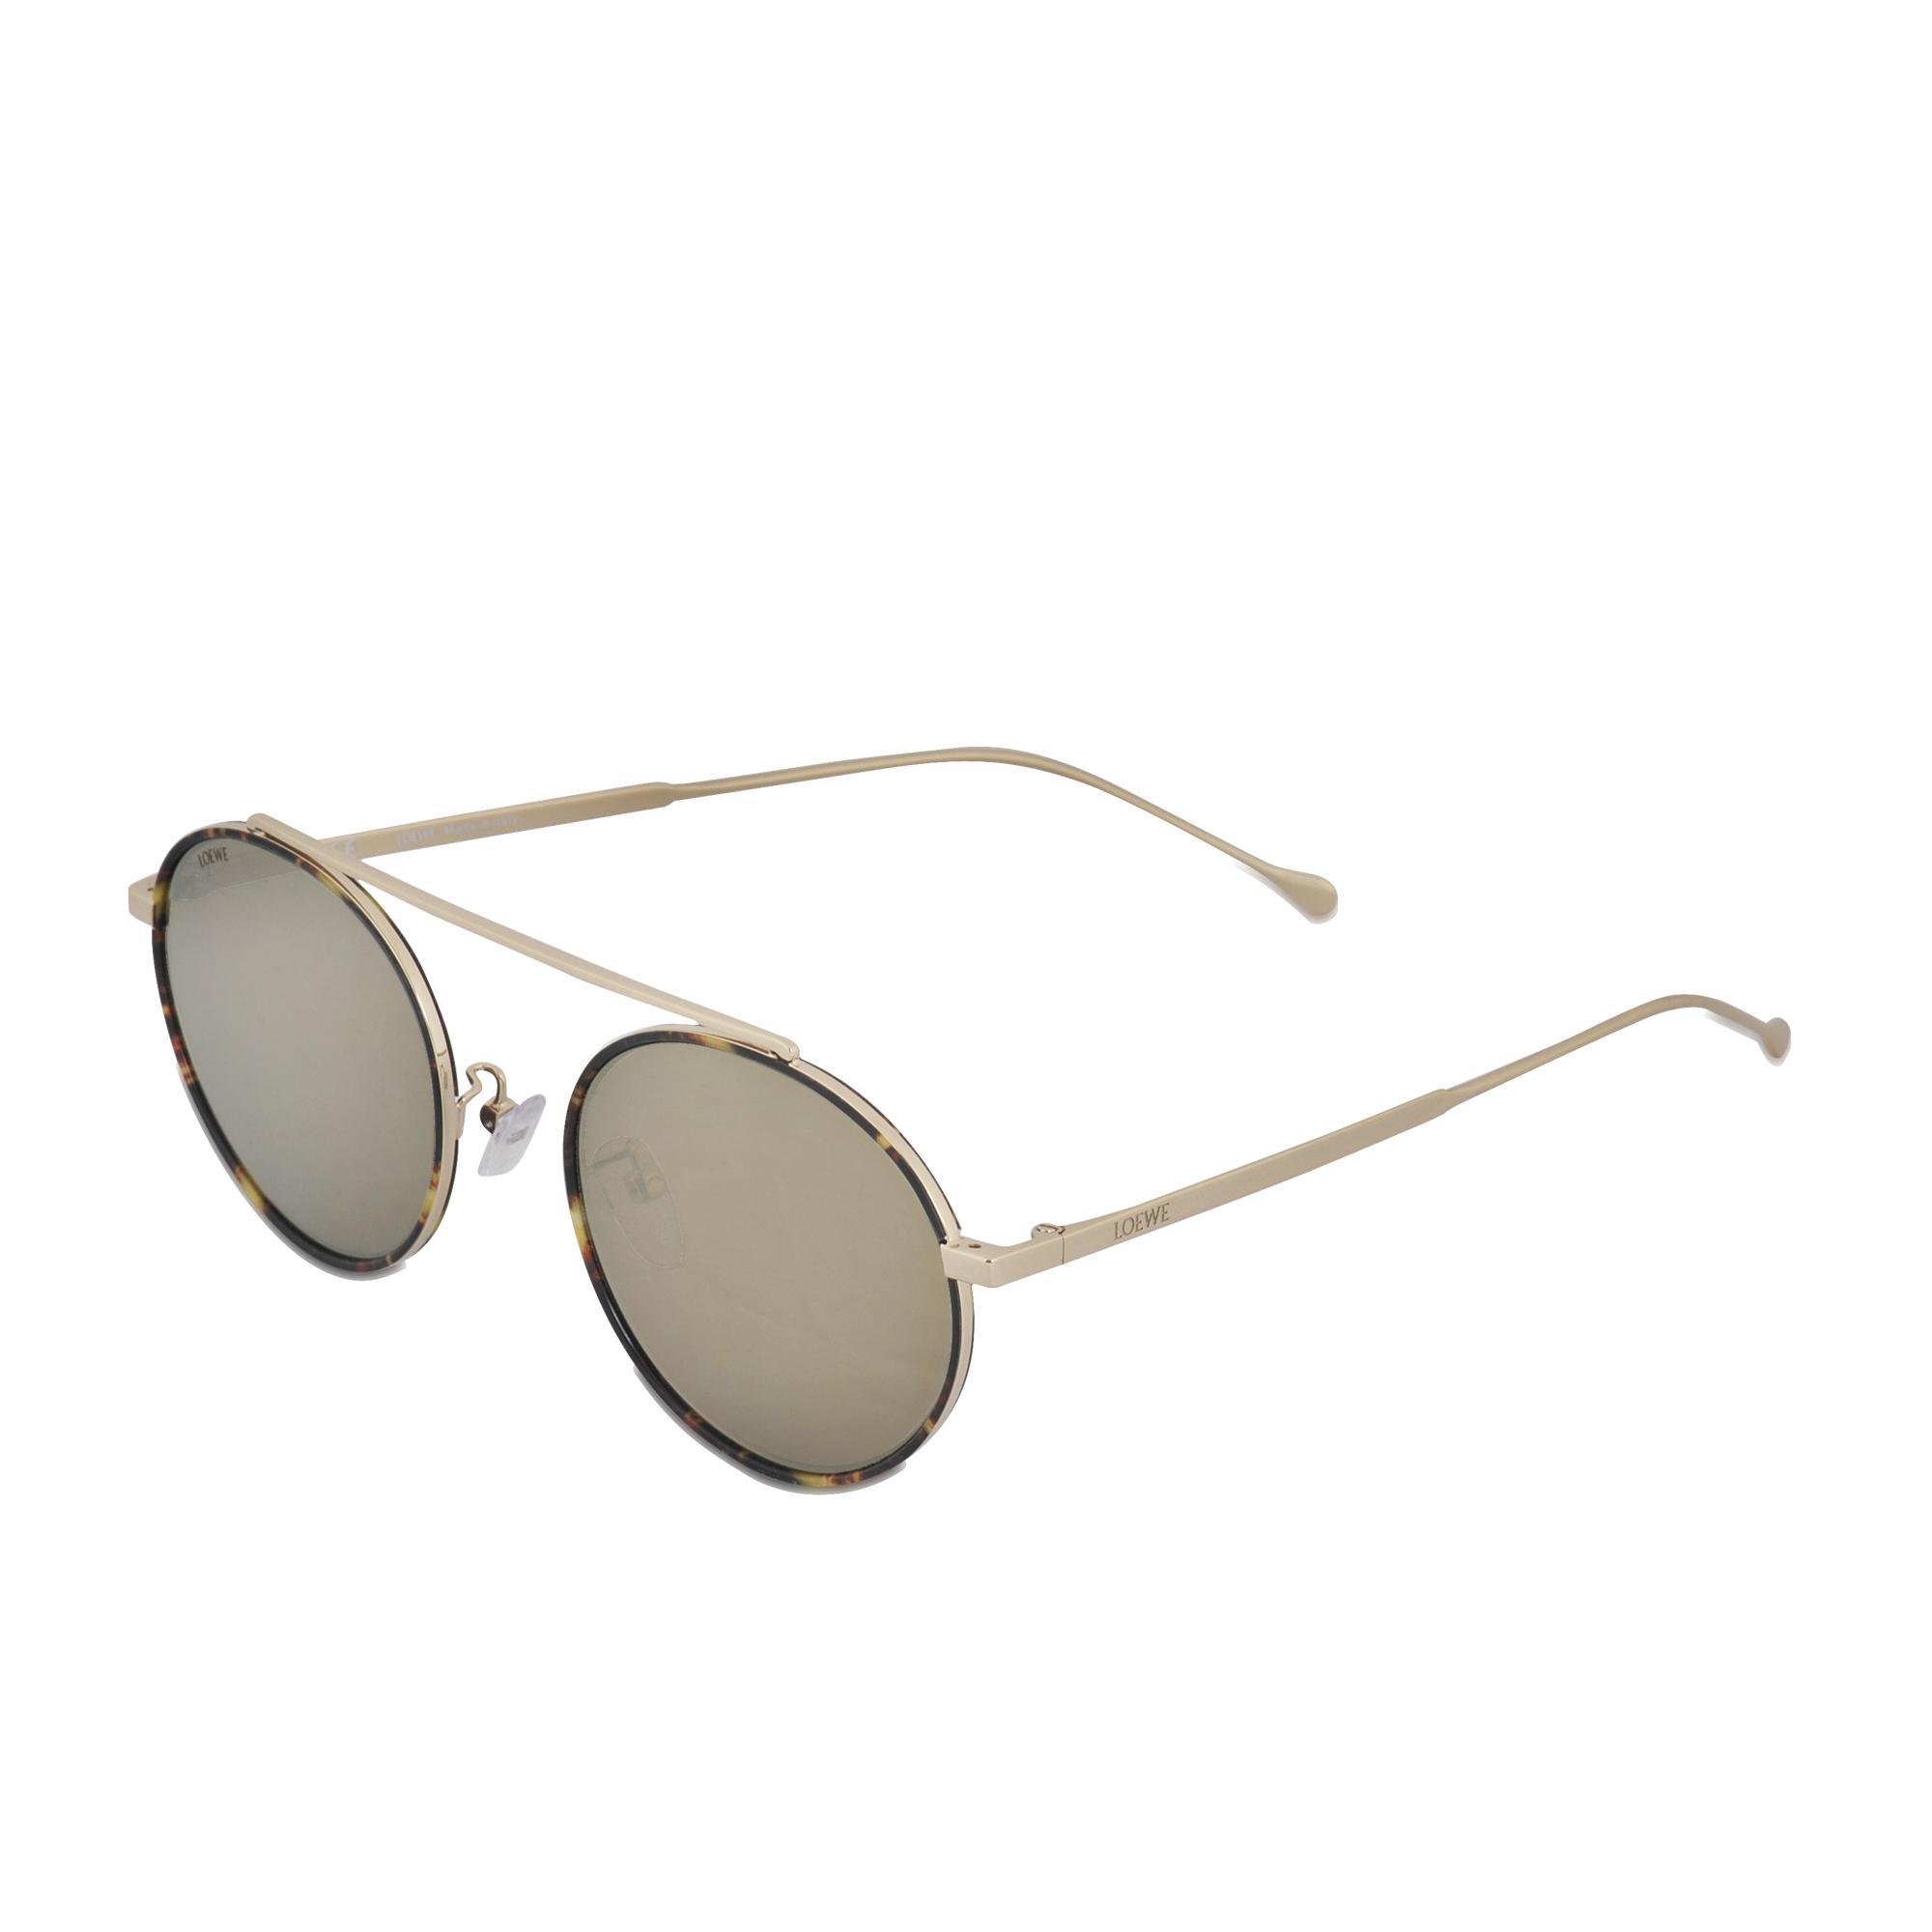 Loewe Sonnenbrille Tamariu WvSkY